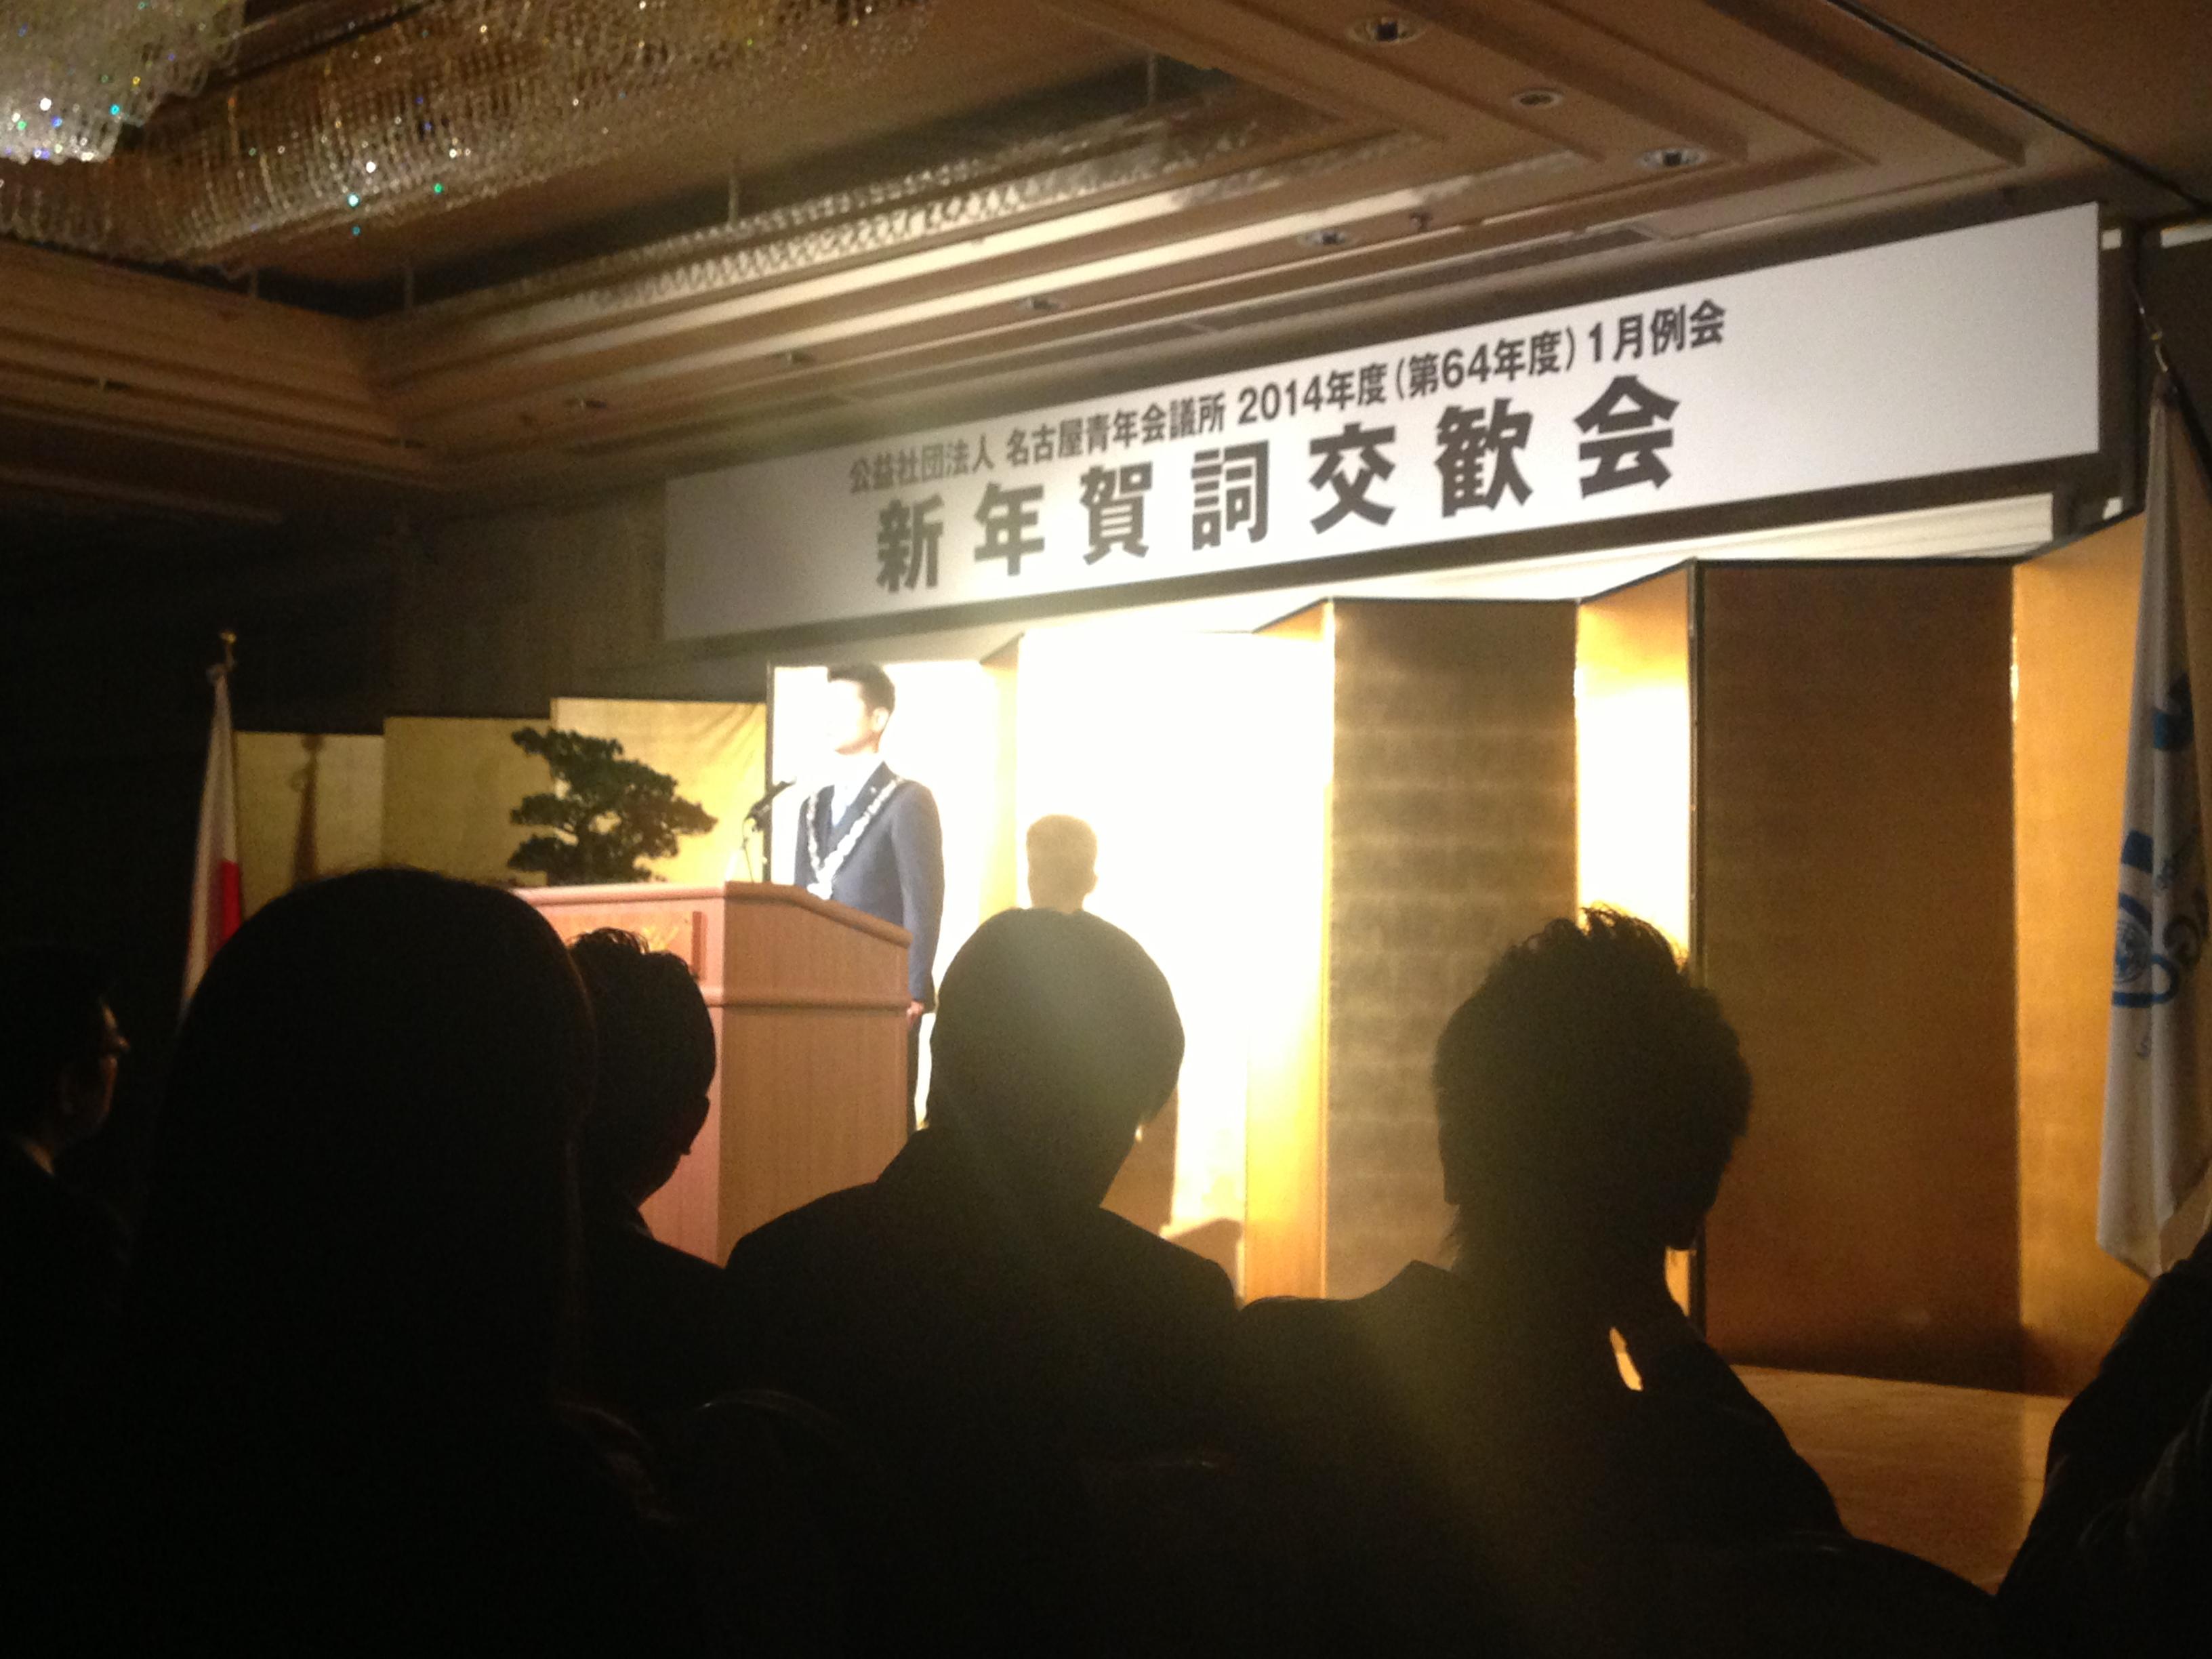 20140114_名古屋JC賀詞交歓会 (2)